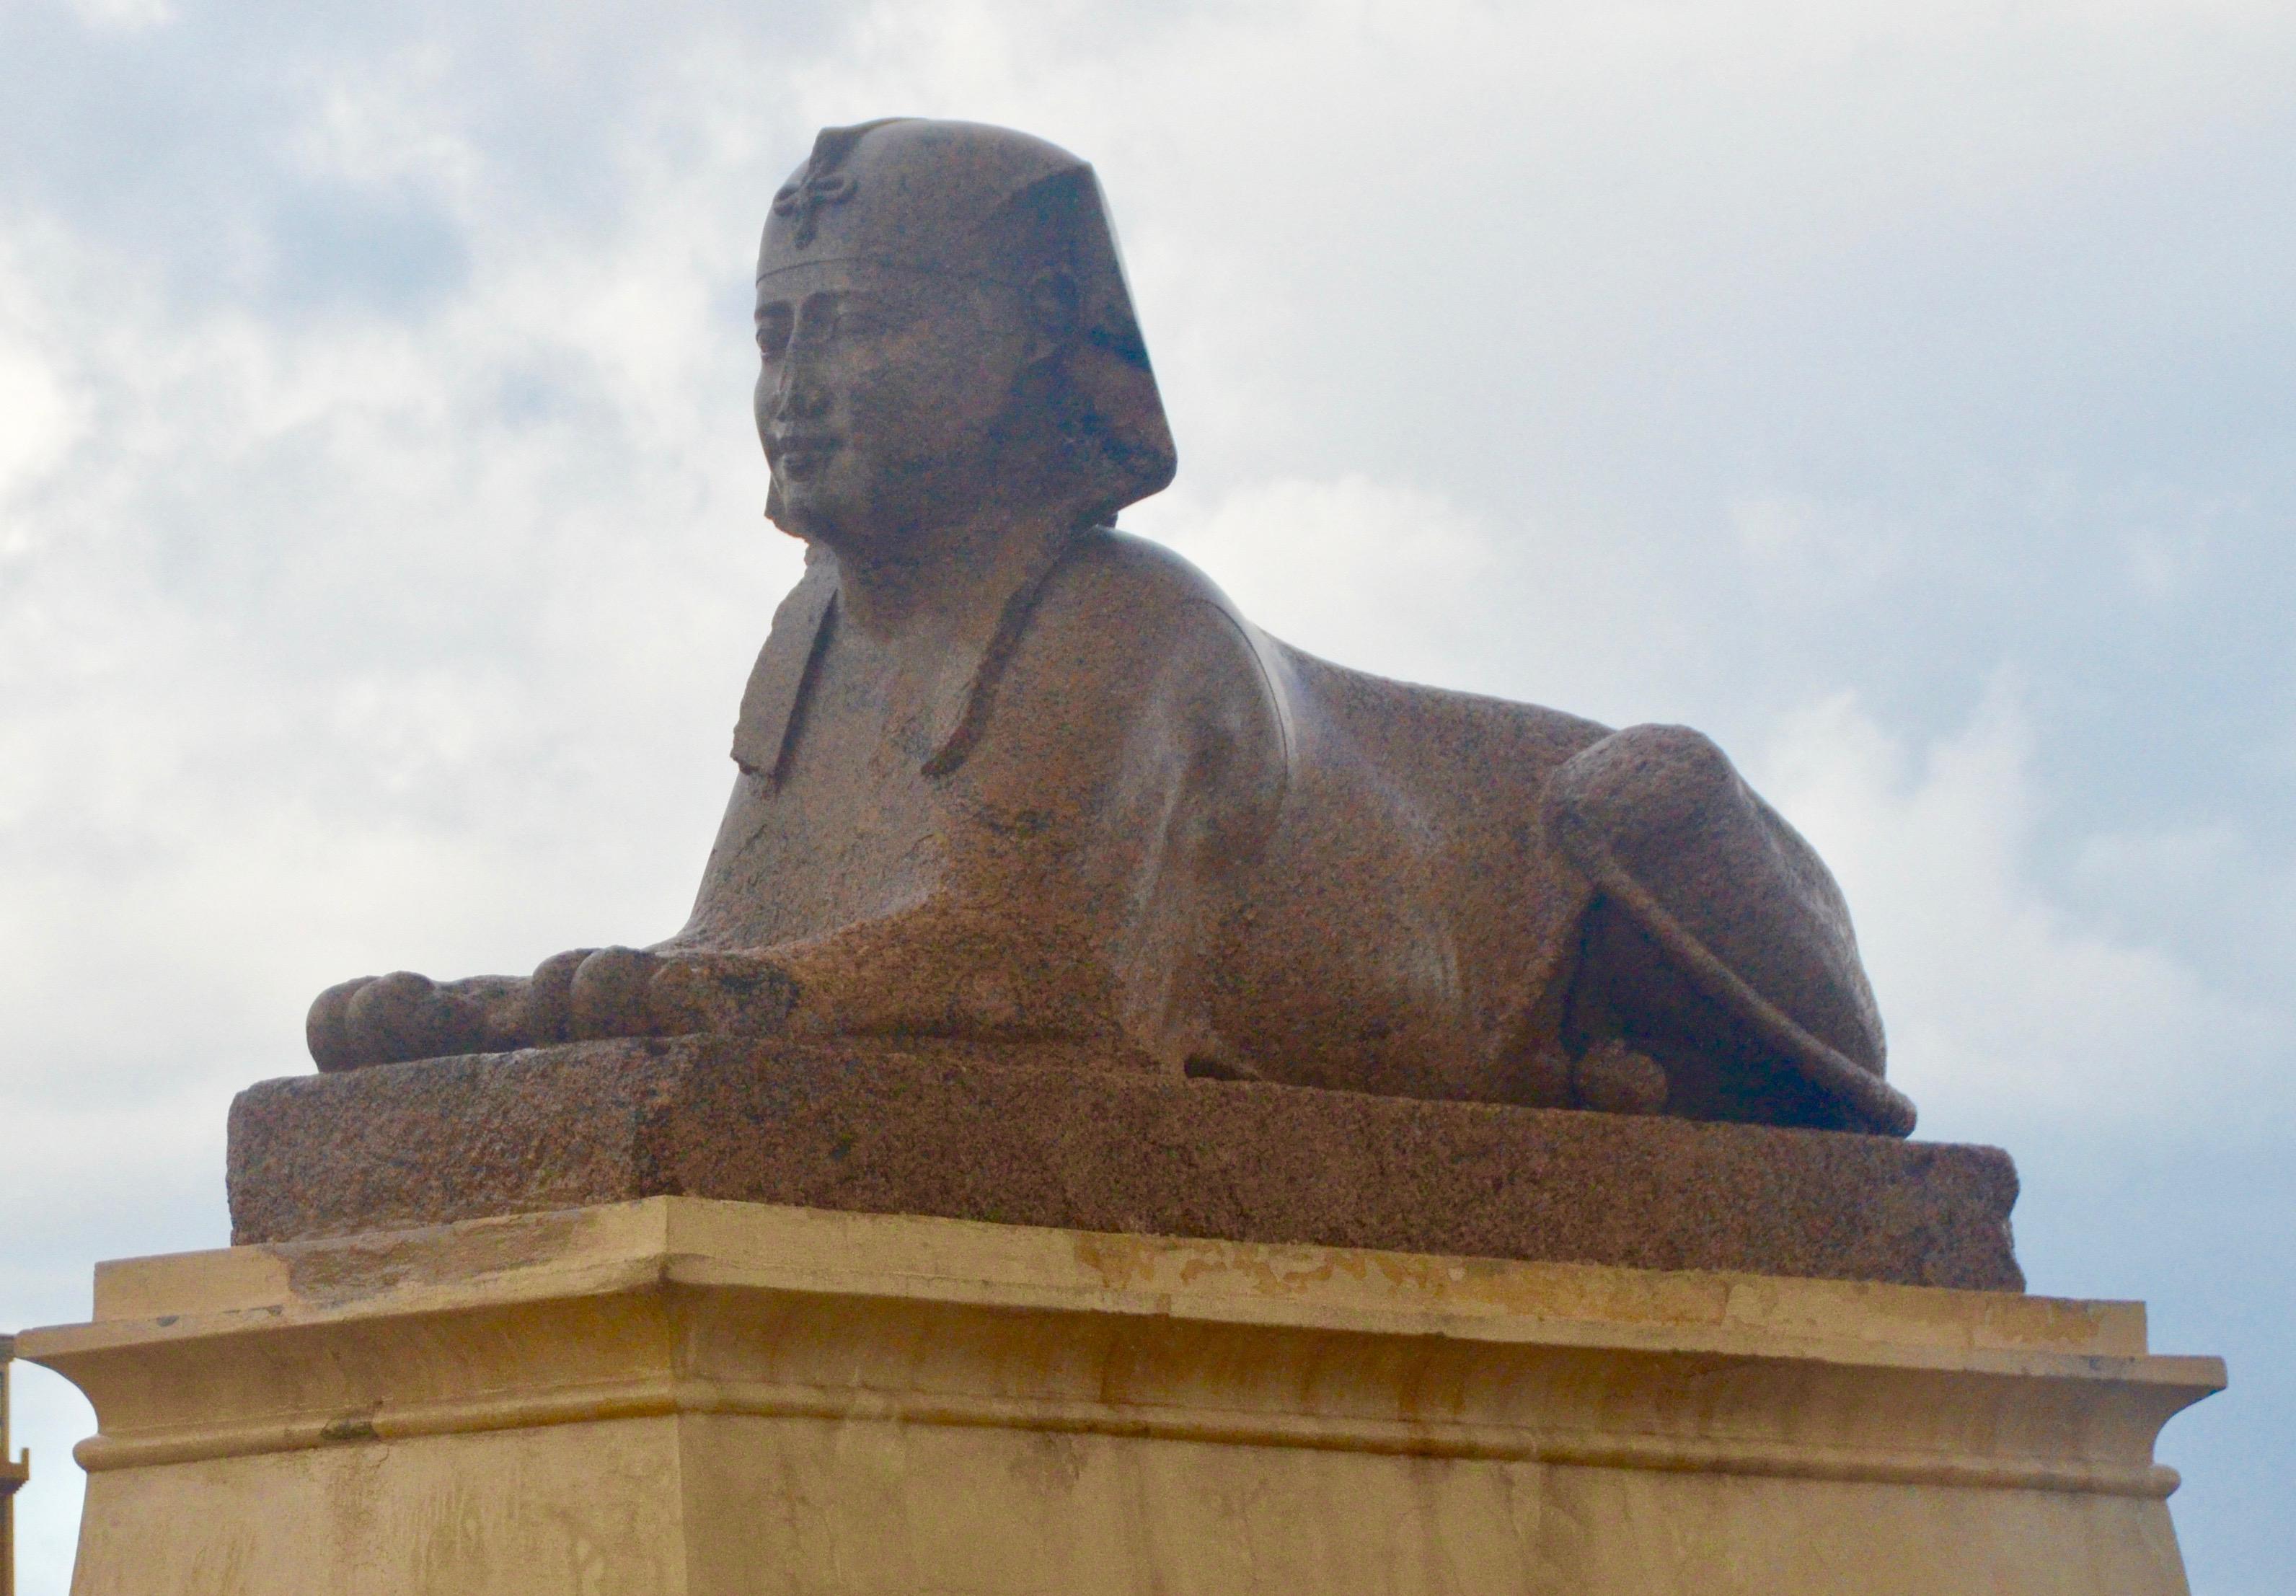 Queen Hatshepsut Sphinx, Alexandria